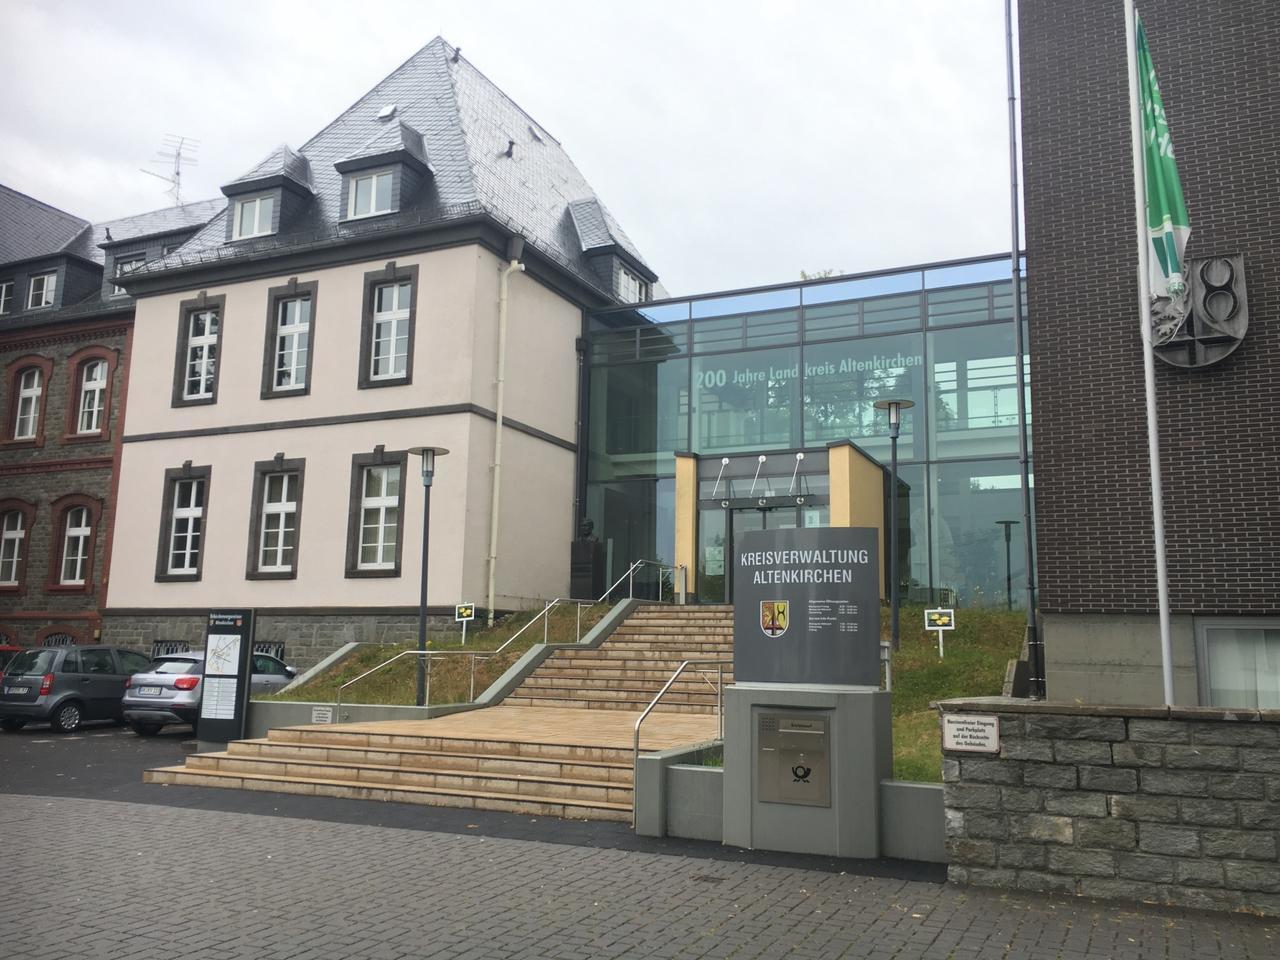 Vierstelliges Bußgeld nach Baptistenhochzeit: Kreis Altenkirchen zählt rund 400 Corona-Verstöße in diesem Jahr